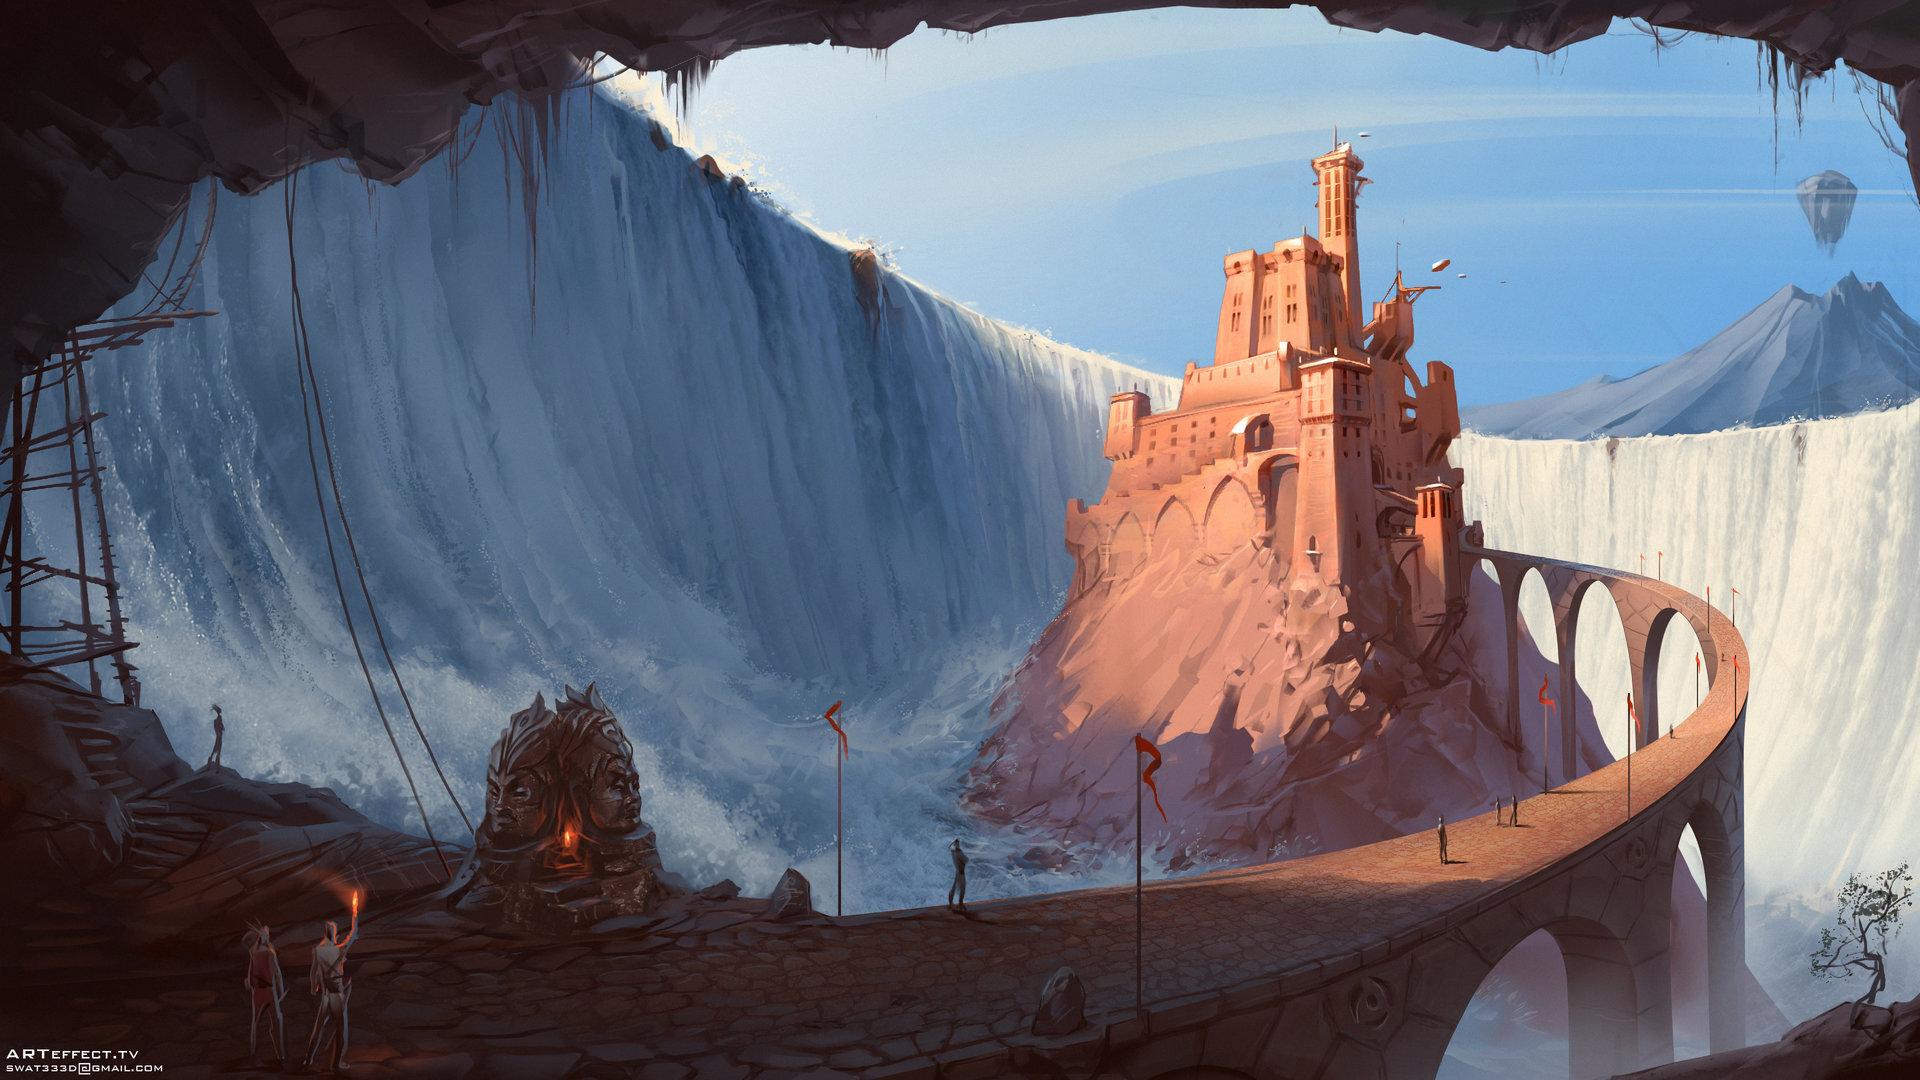 Sviatoslav gerasimchuk waterfall castle